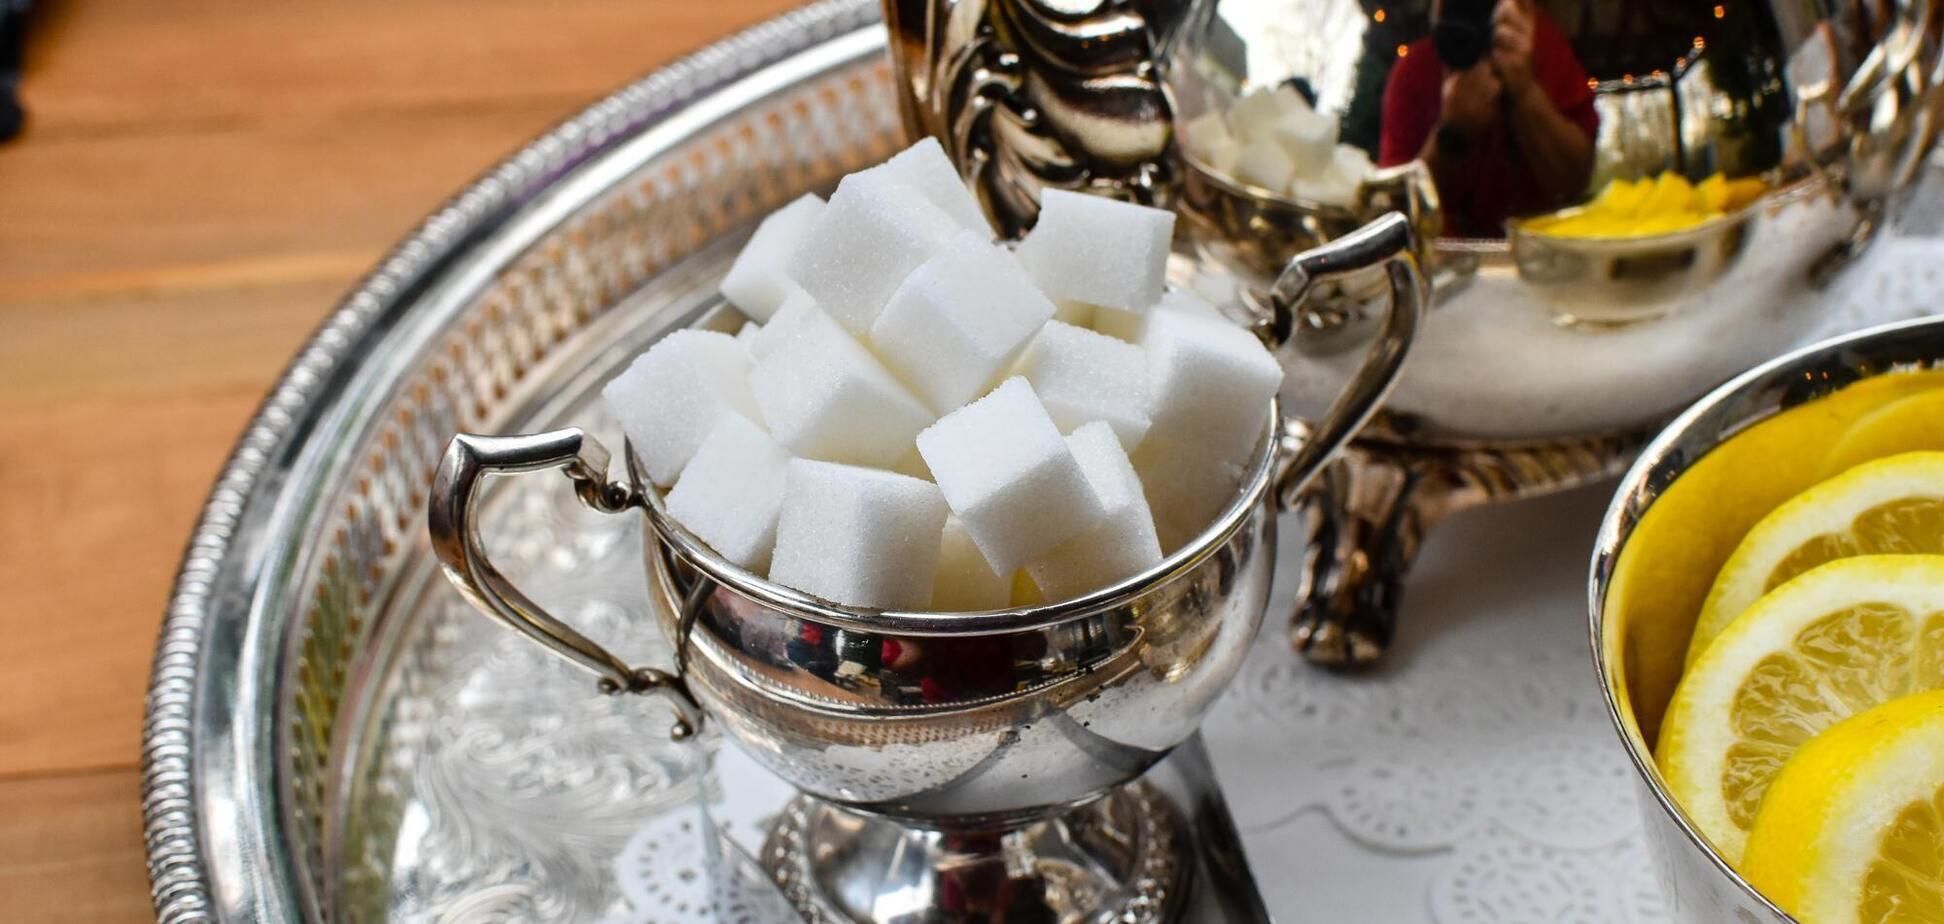 В Україні будуть знижувати ціни на цукор: що придумала влада